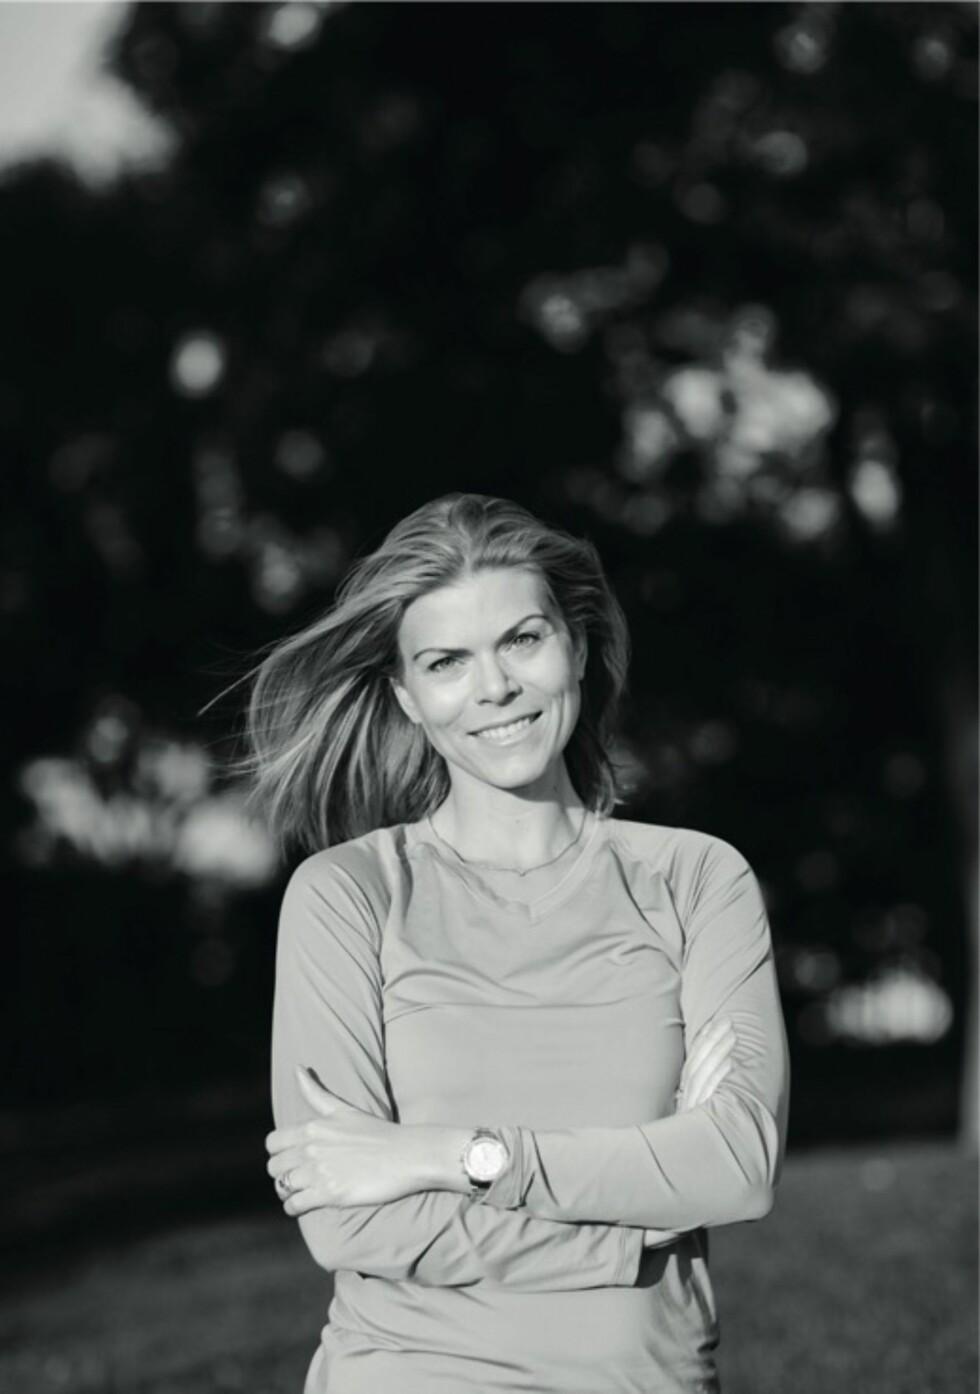 SPISEFORSTYRRELSE: Terese Alvén inspirerer tusenvis av lesere gjennom sin treningsblogg. Men i flere år hadde hun en spiseforstyrrelse som holdt på å koste henne livet. Foto: Jane Haglund